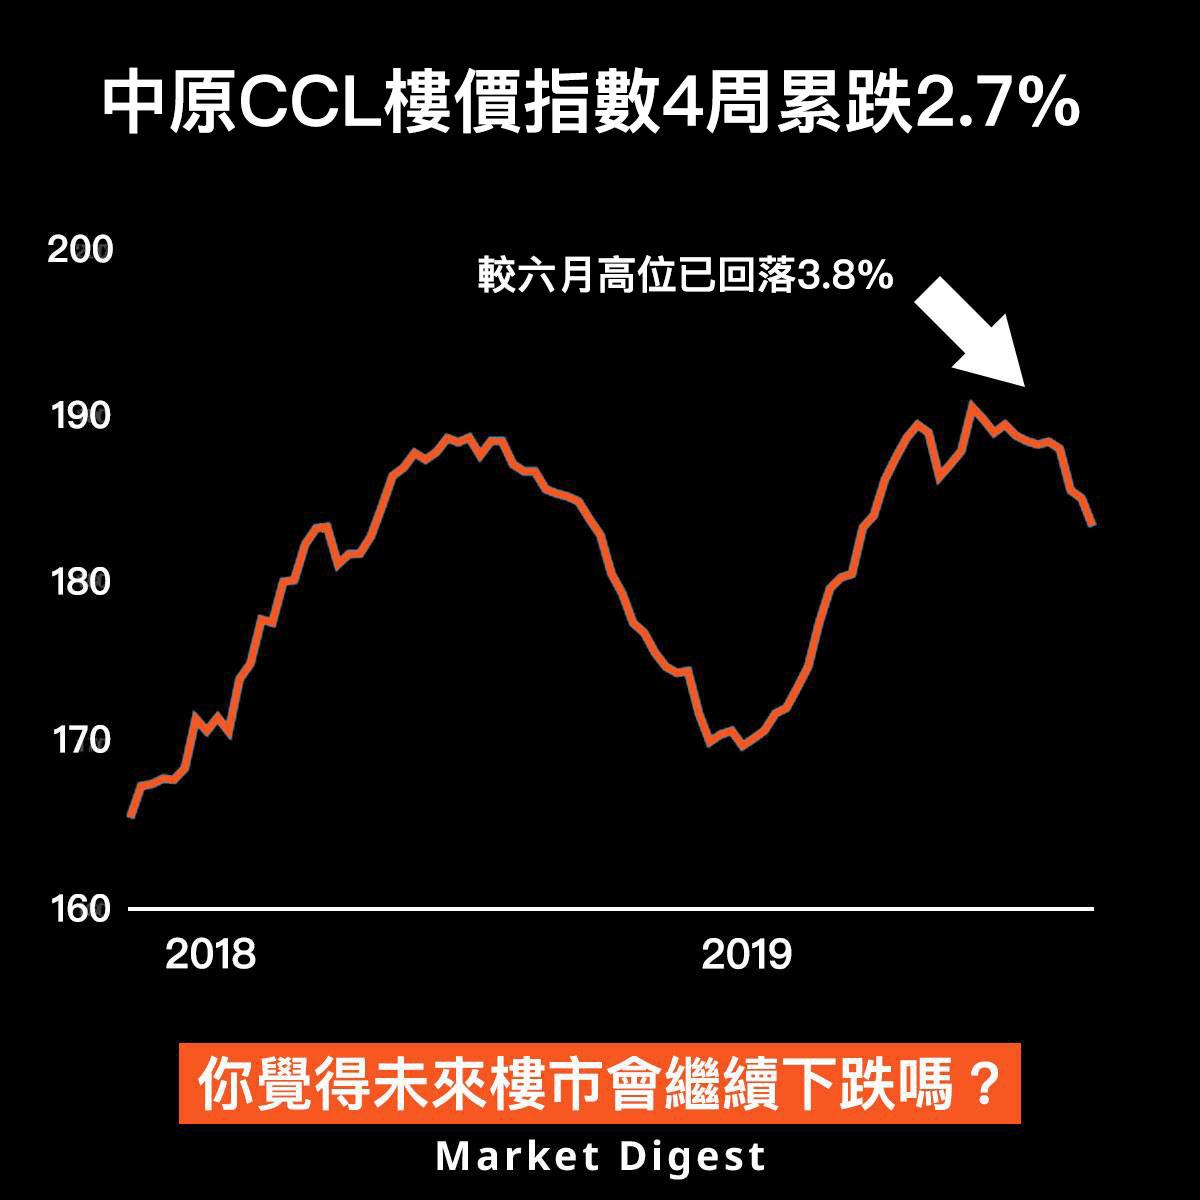 【樓市動態】中原CCL樓價指數4周累跌2.7%